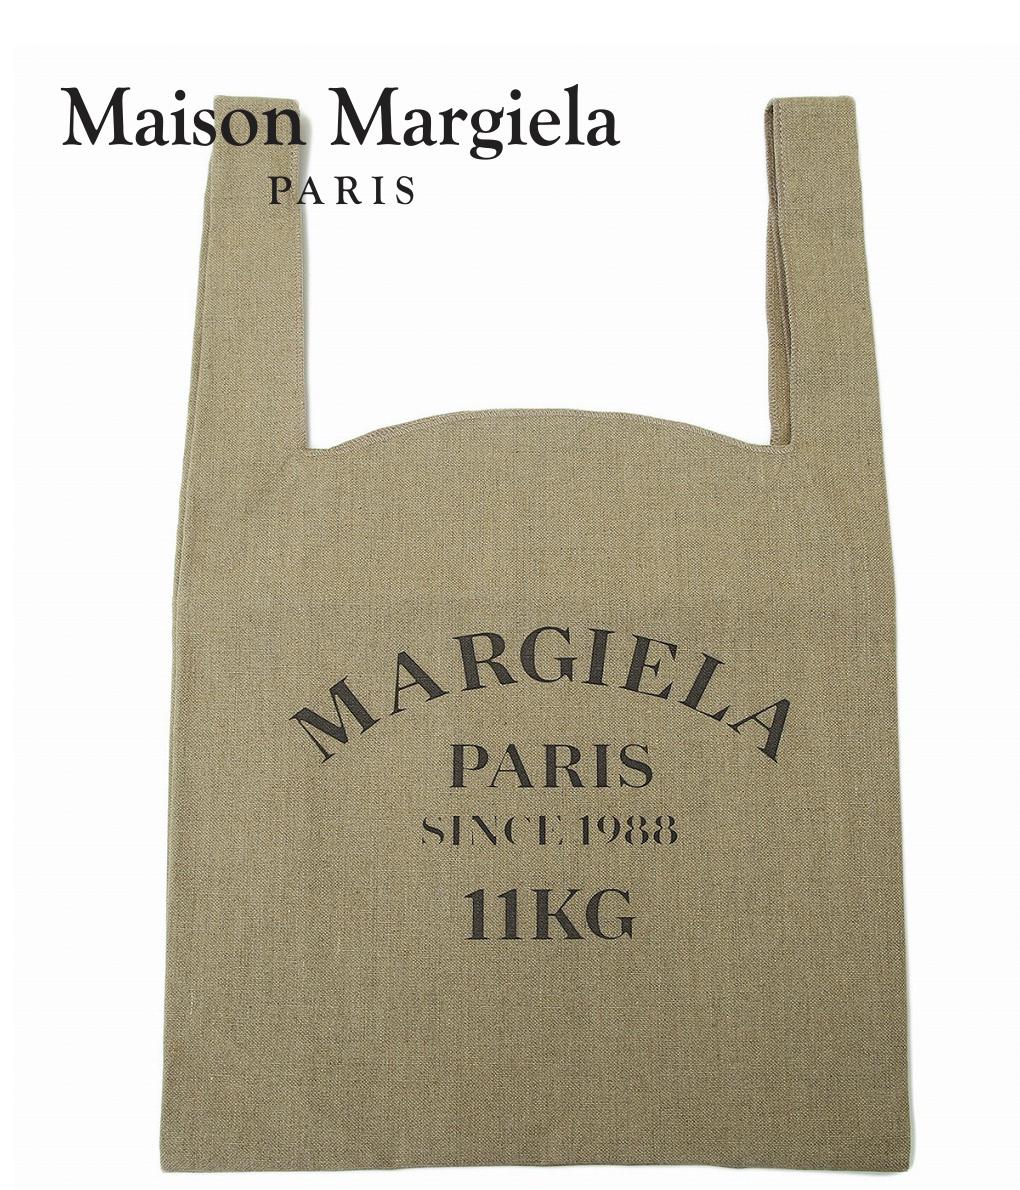 Maison Margiela / メゾン マルジェラ : SHOPPING BAG : ショッピングバック バッグ メンズ : S35WC0077 【RIP】